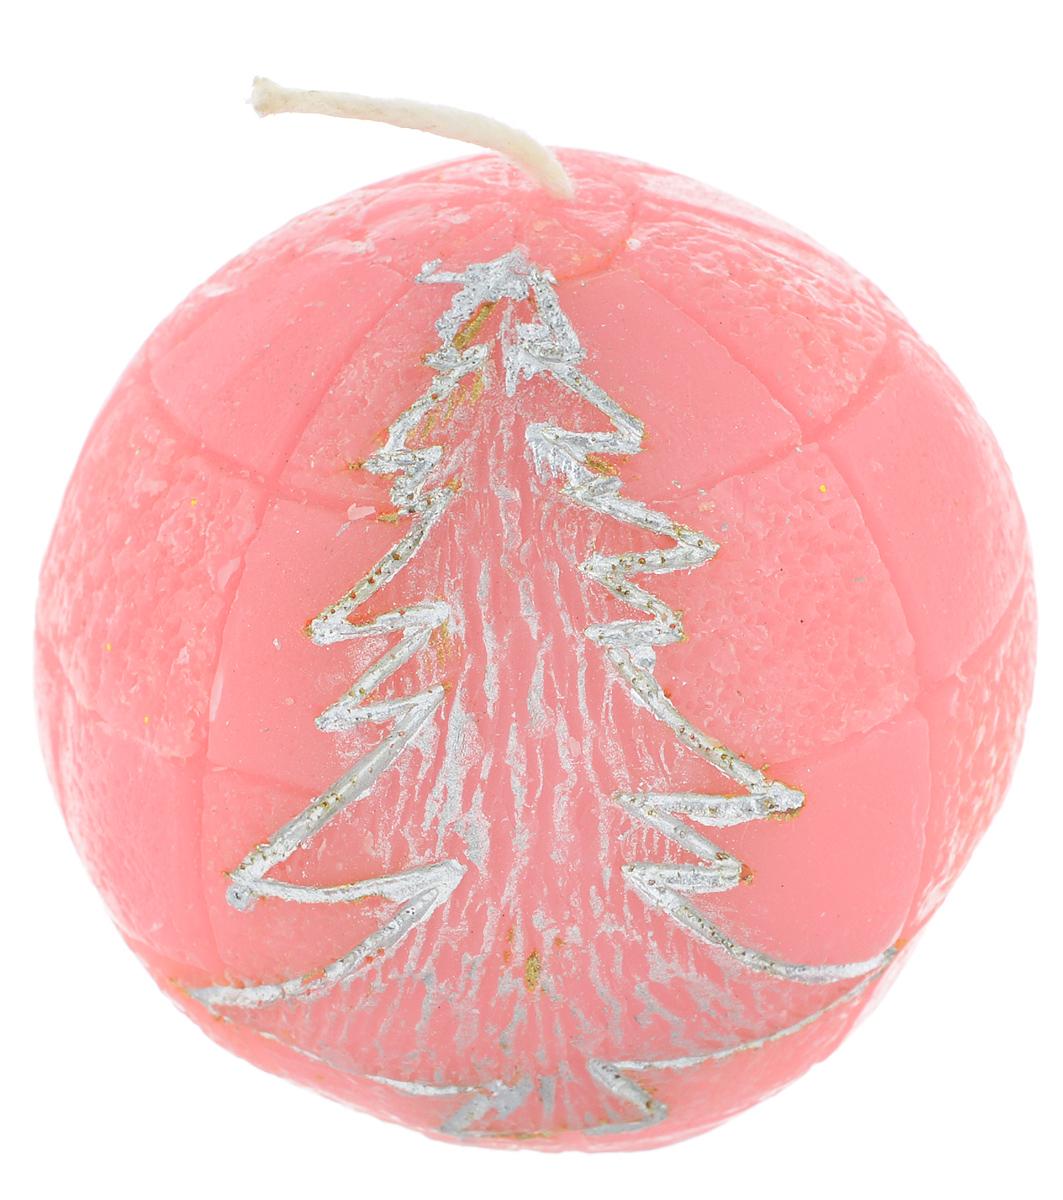 Свеча декоративная Lunten Ranta Подарок, цвет: розовый, диаметр 5 см новогоднее украшение баннер lunten ranta с новым годом длина 100 см